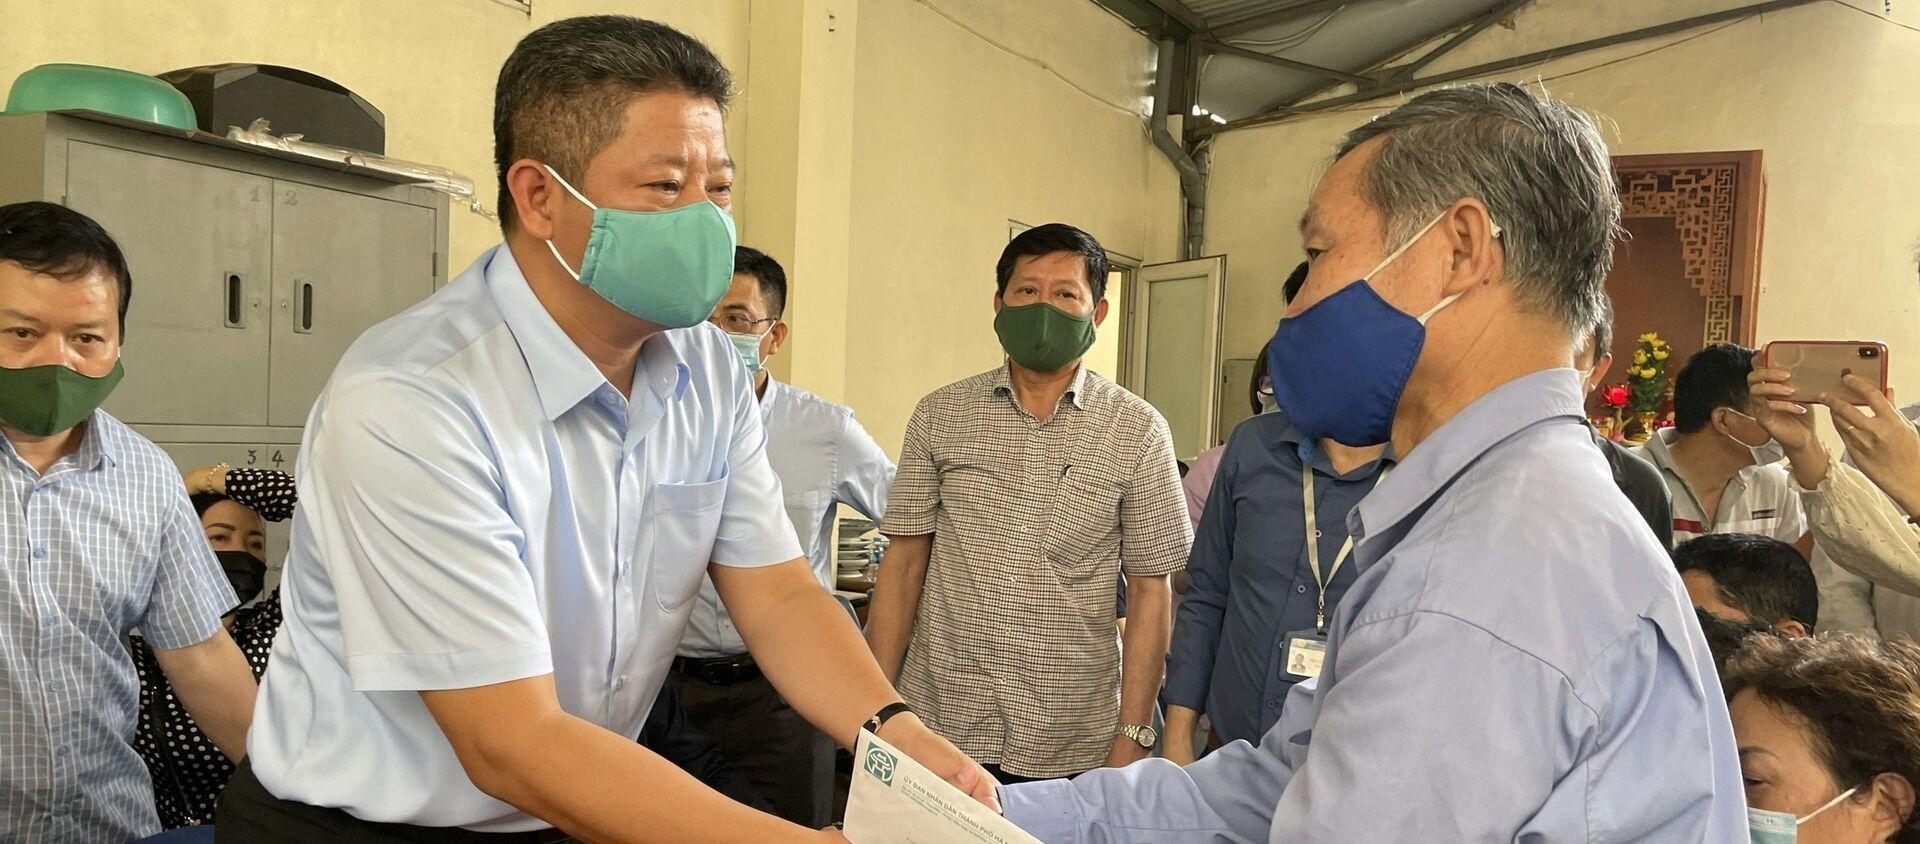 Phó Chủ tịch UBND thành phố Hà Nội Nguyễn Mạnh Quyền (bên trái) thăm hỏi, động viên, tặng quà hỗ trợ gia đình nạn nhân bị thiệt mạng tại vụ hỏa hoạn. - Sputnik Việt Nam, 1920, 04.04.2021